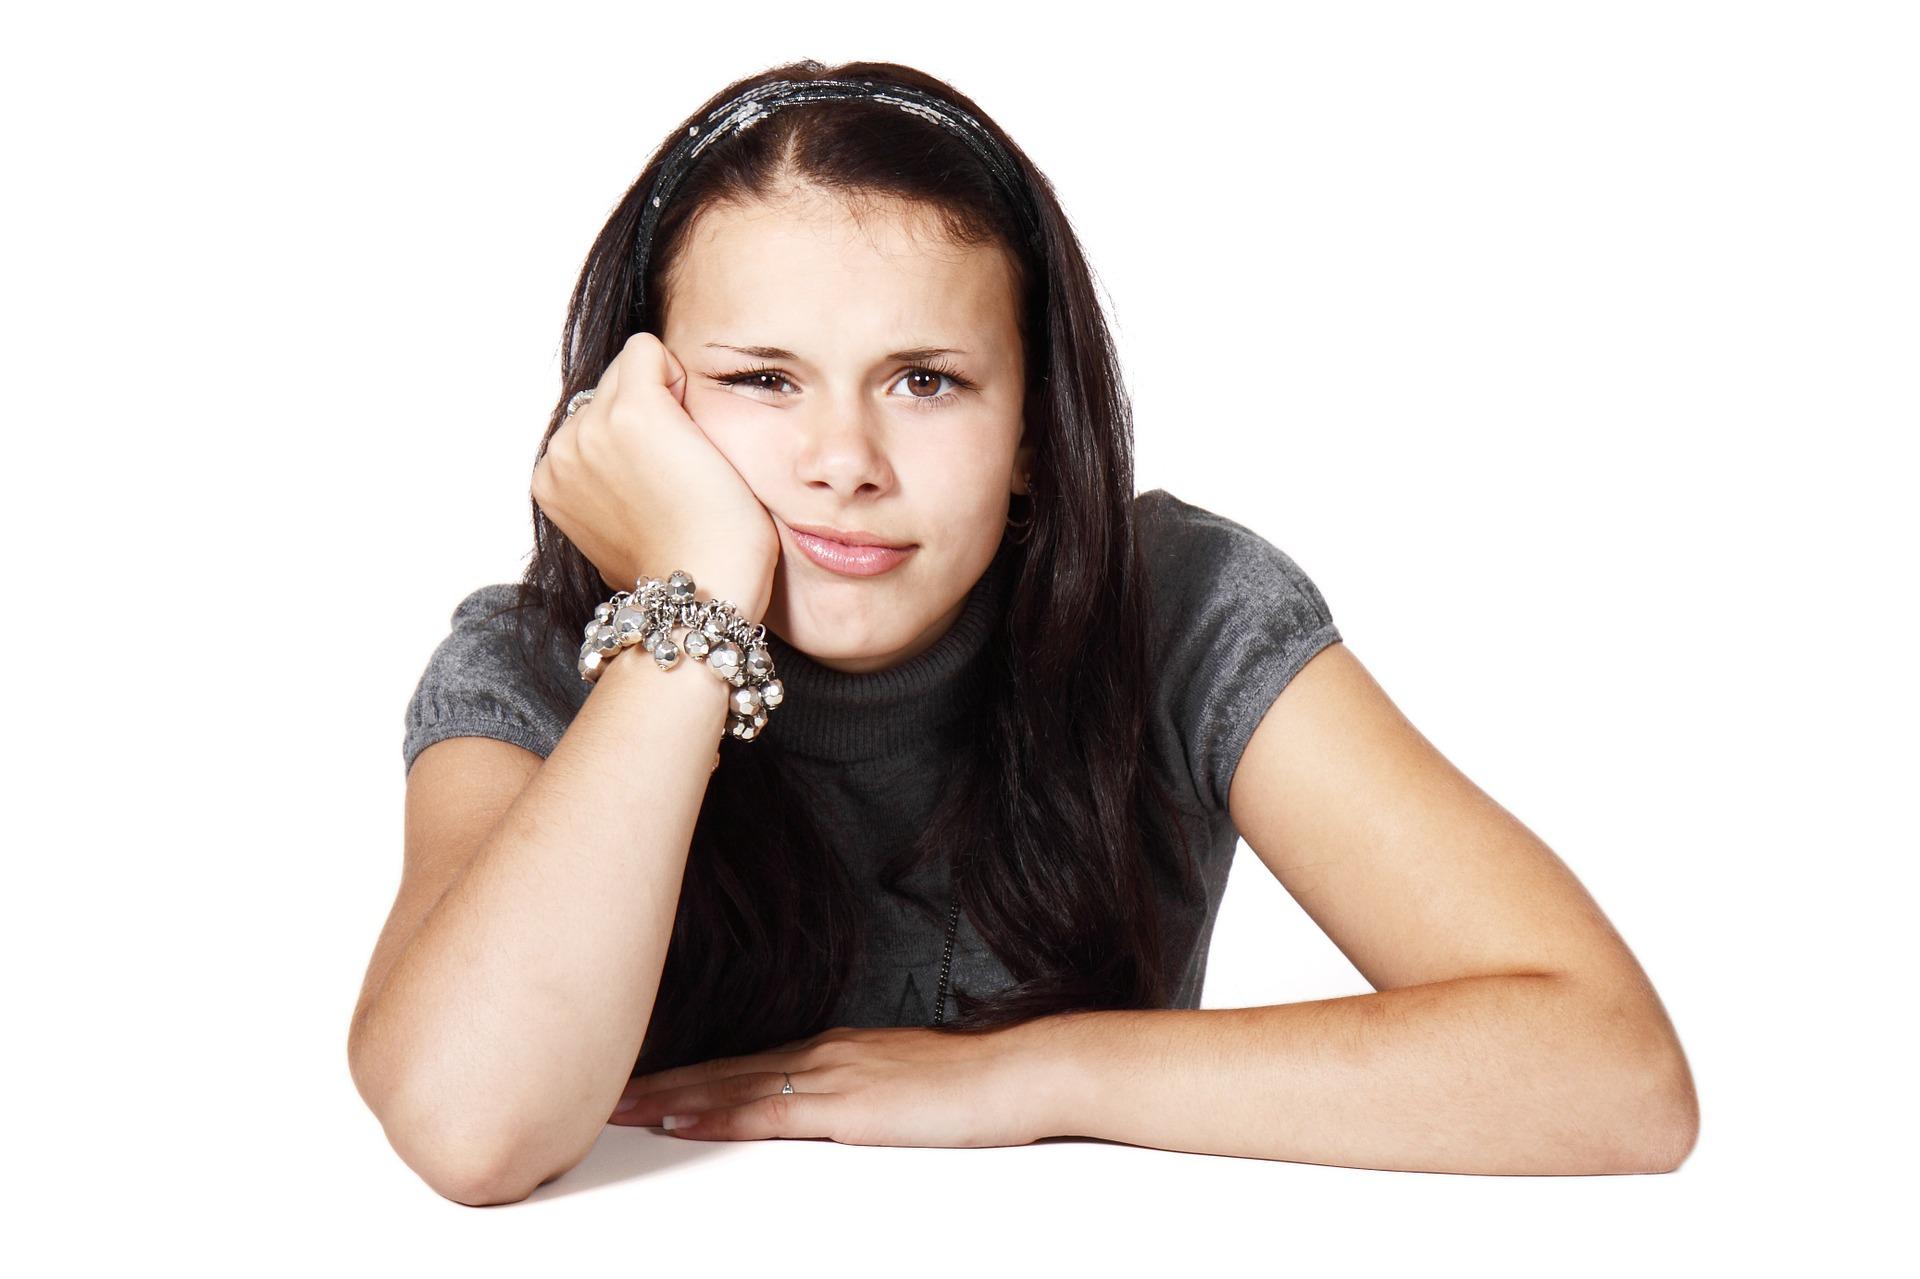 結婚を考える女性であれば避けるべき男性4選